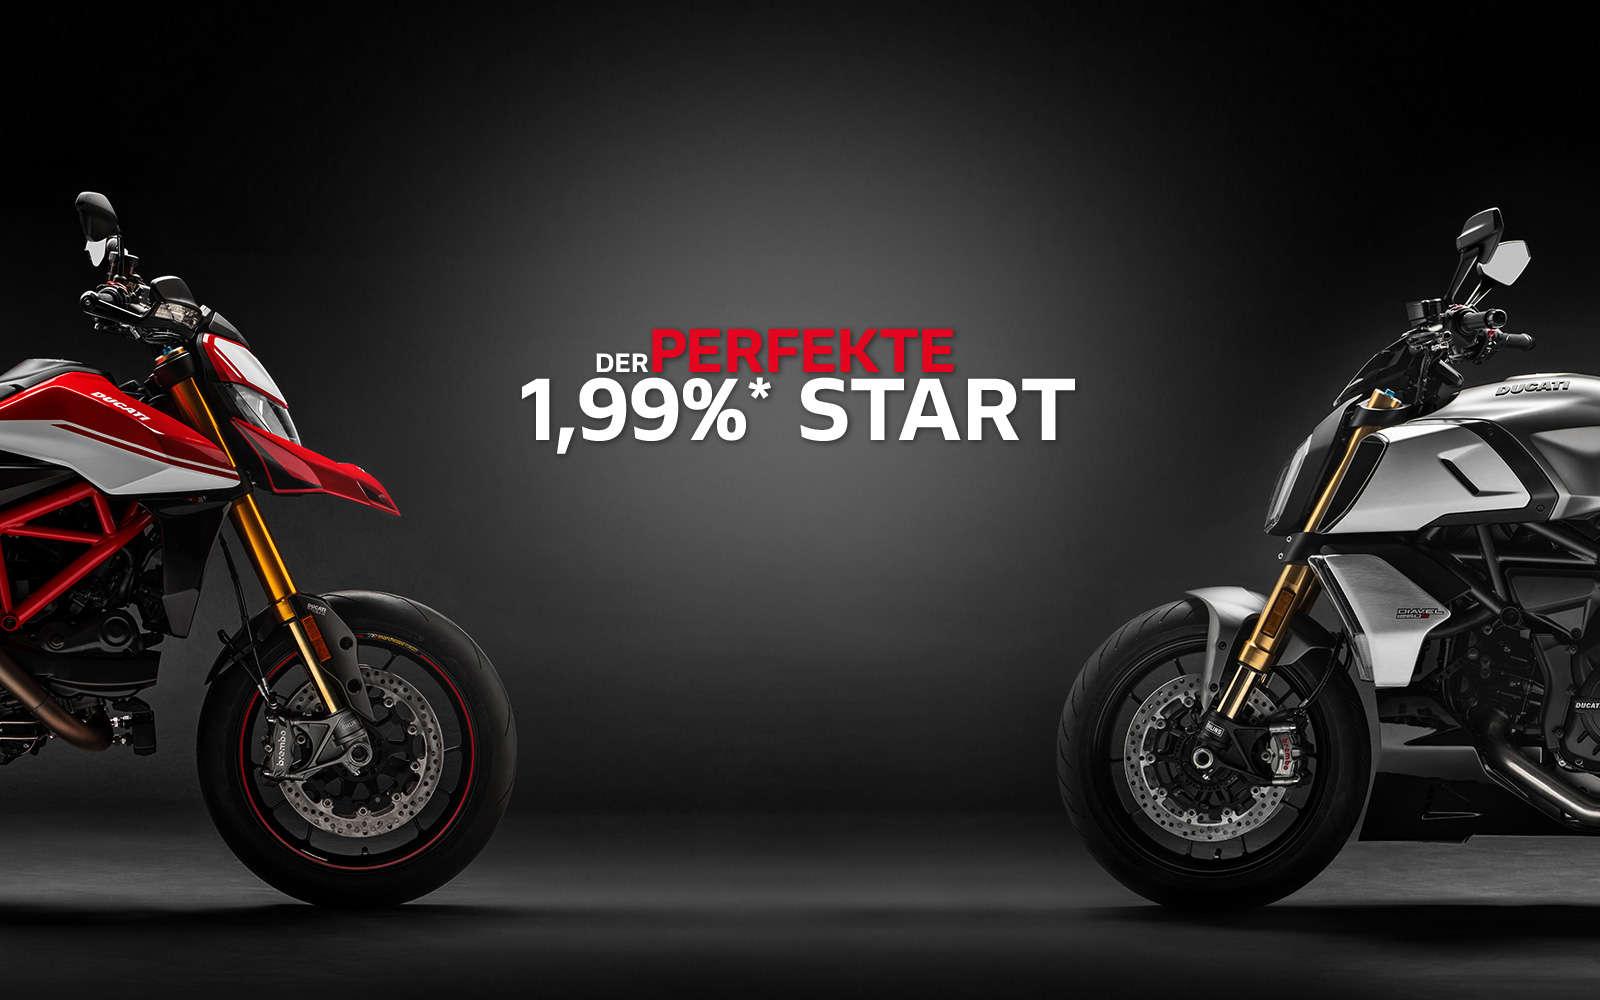 1,99% Sonderfinanzierung mit Ducati Financial Services, ab sofort mit 1,99%* zum Traummotorrad.